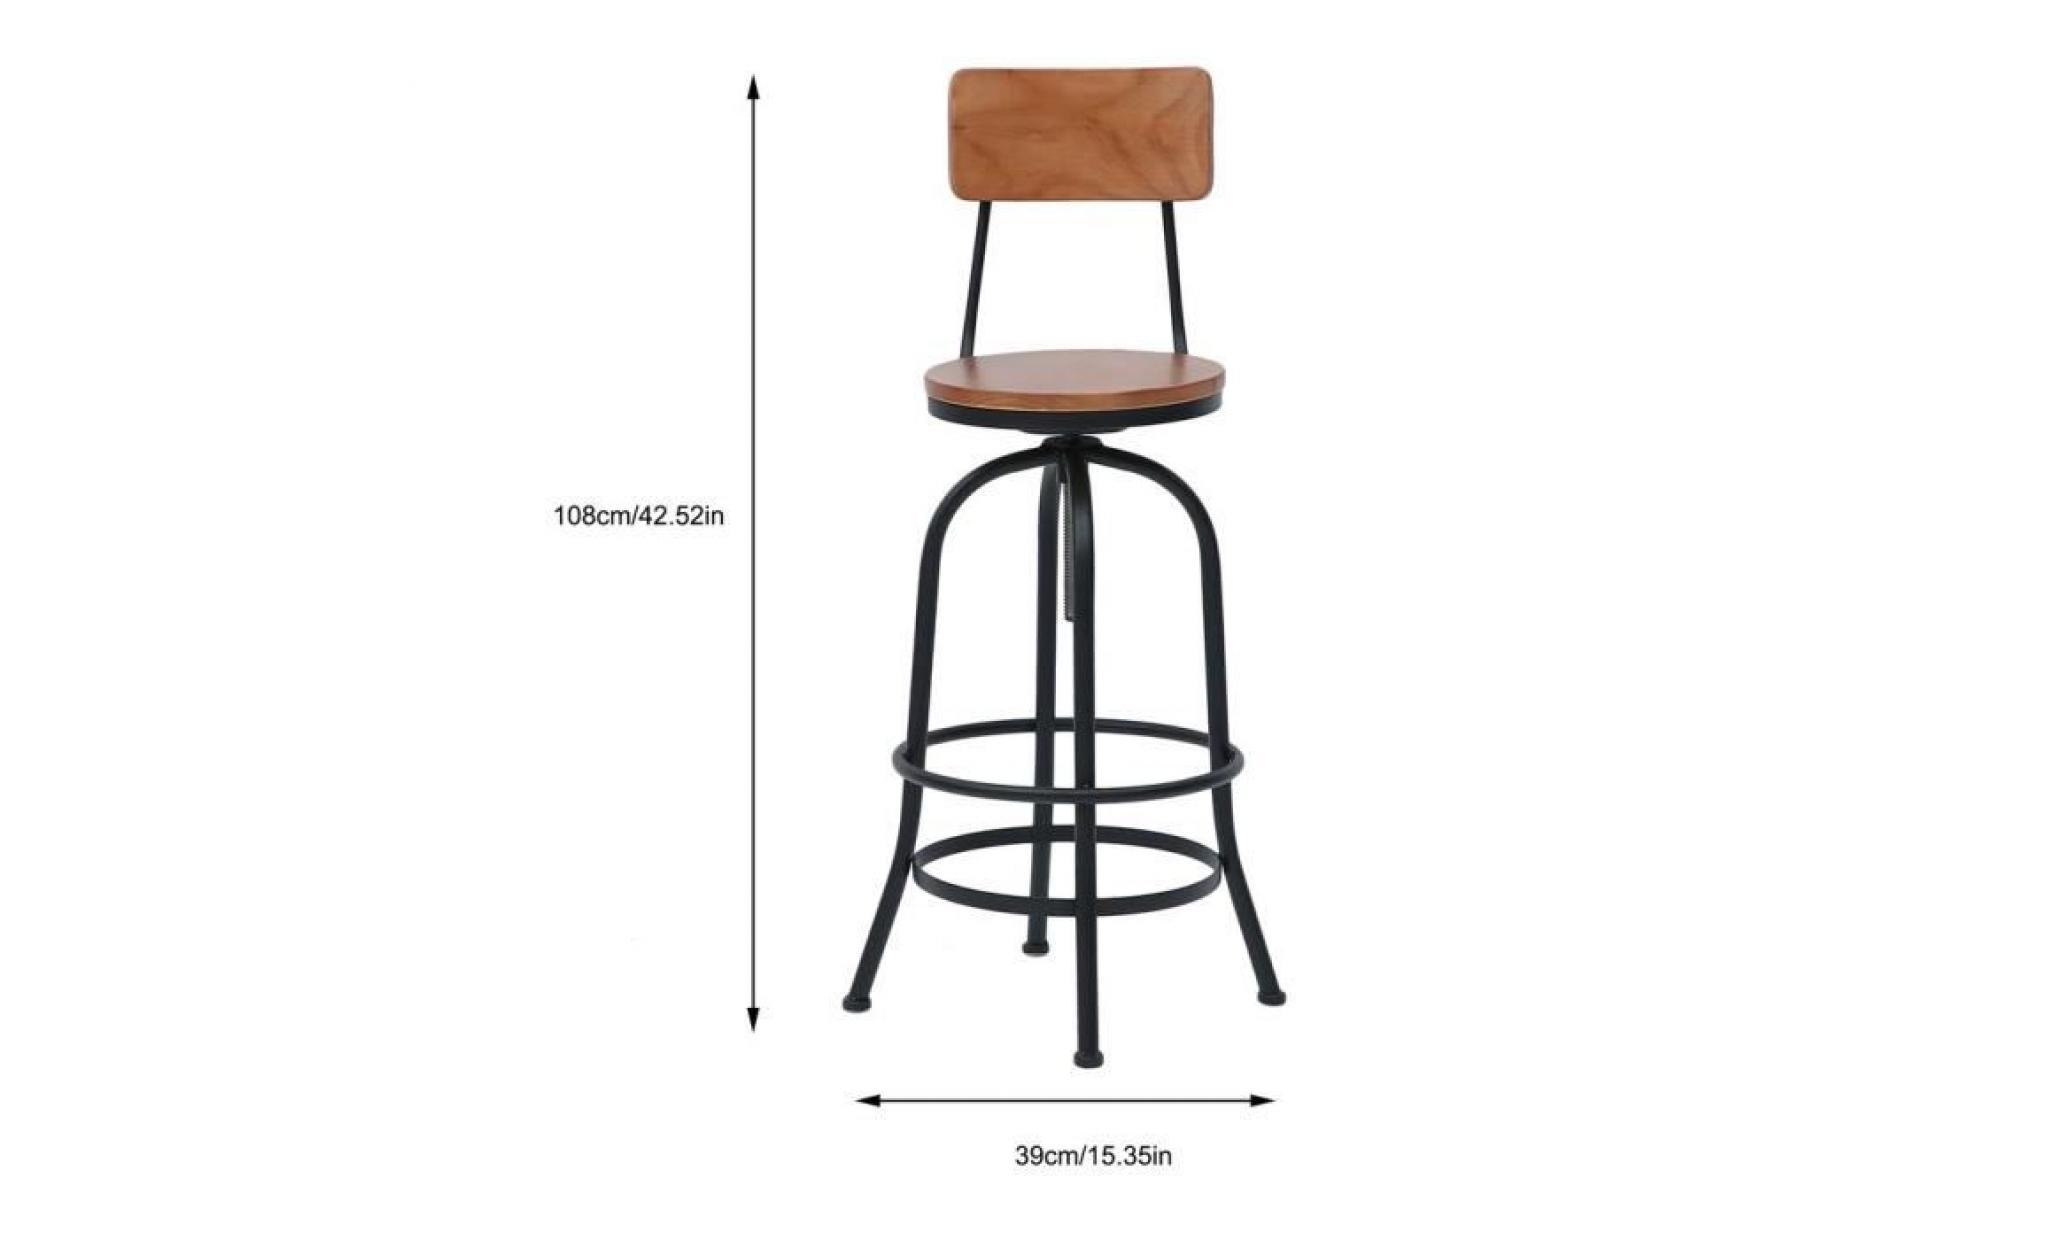 de haut industriel dossier bar design pub chaise chaise tabourets rustique 38x38x113cm à vintage OXZiTukwP